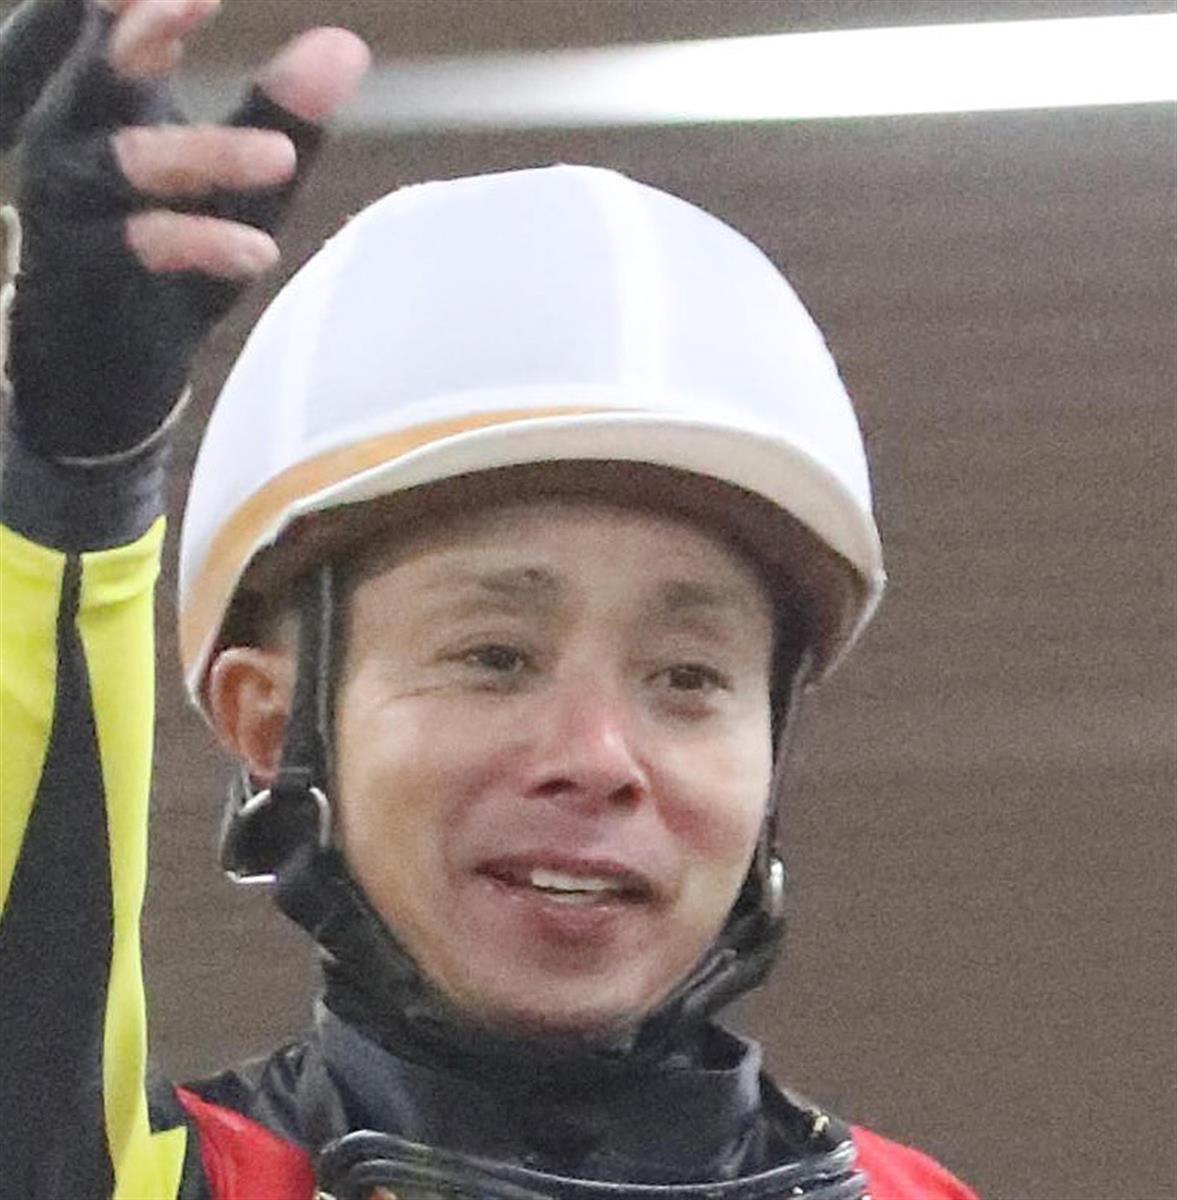 岩田康誠騎手が25日から騎乗停止 - サンスポZBAT!競馬